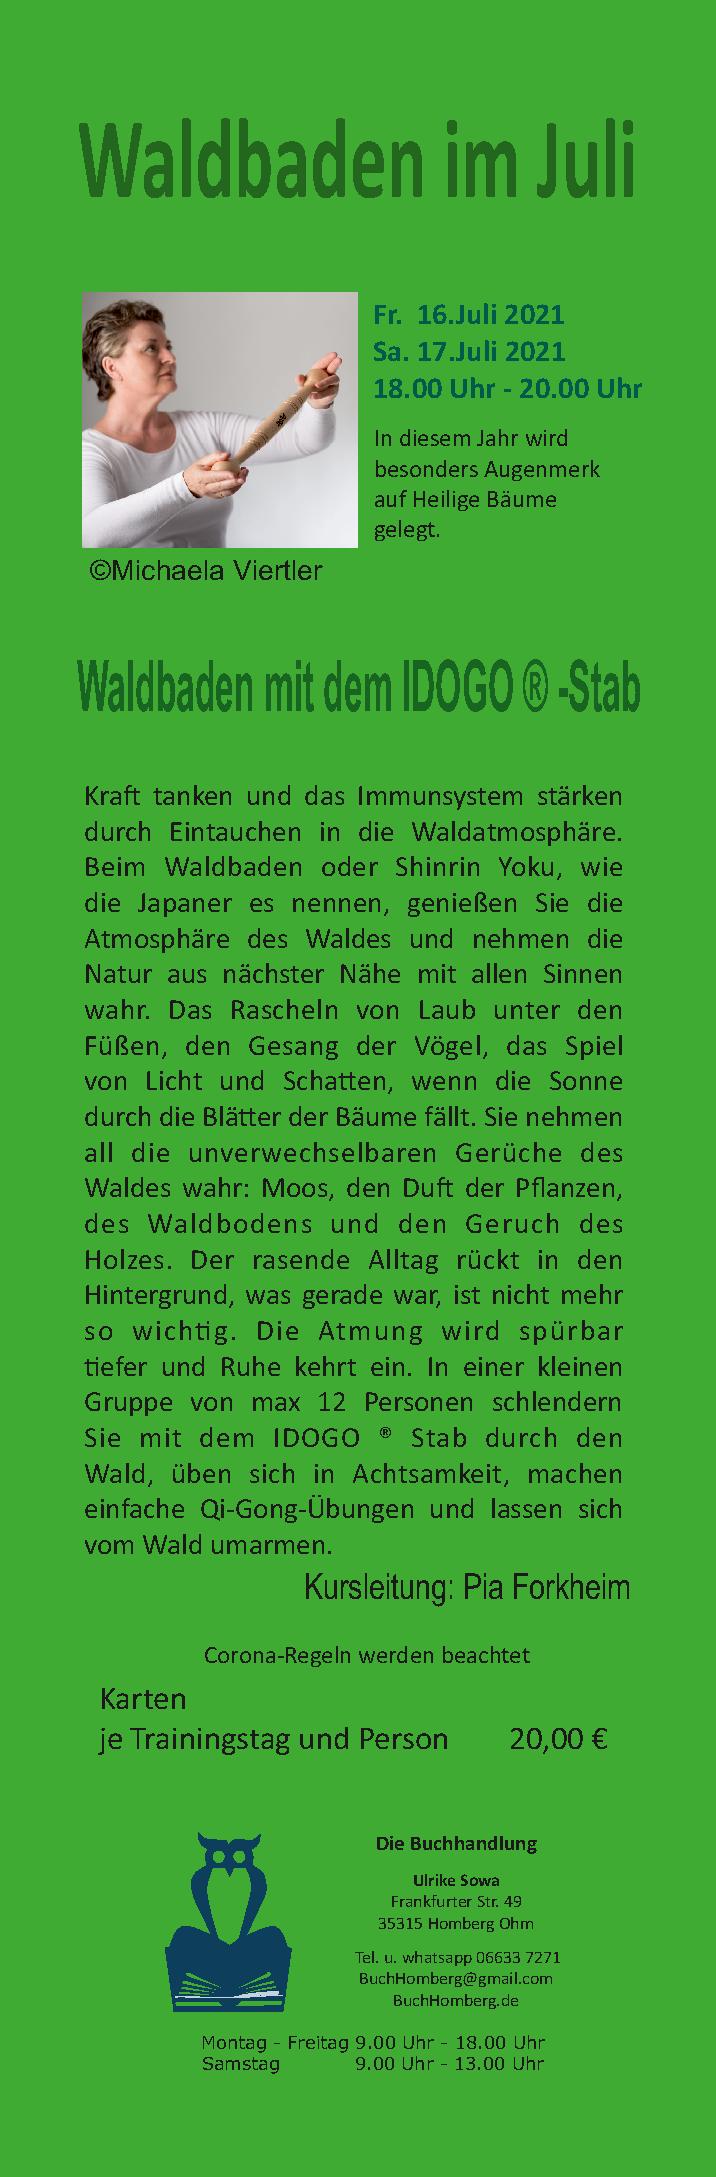 lesezeichen_waldbaden2021